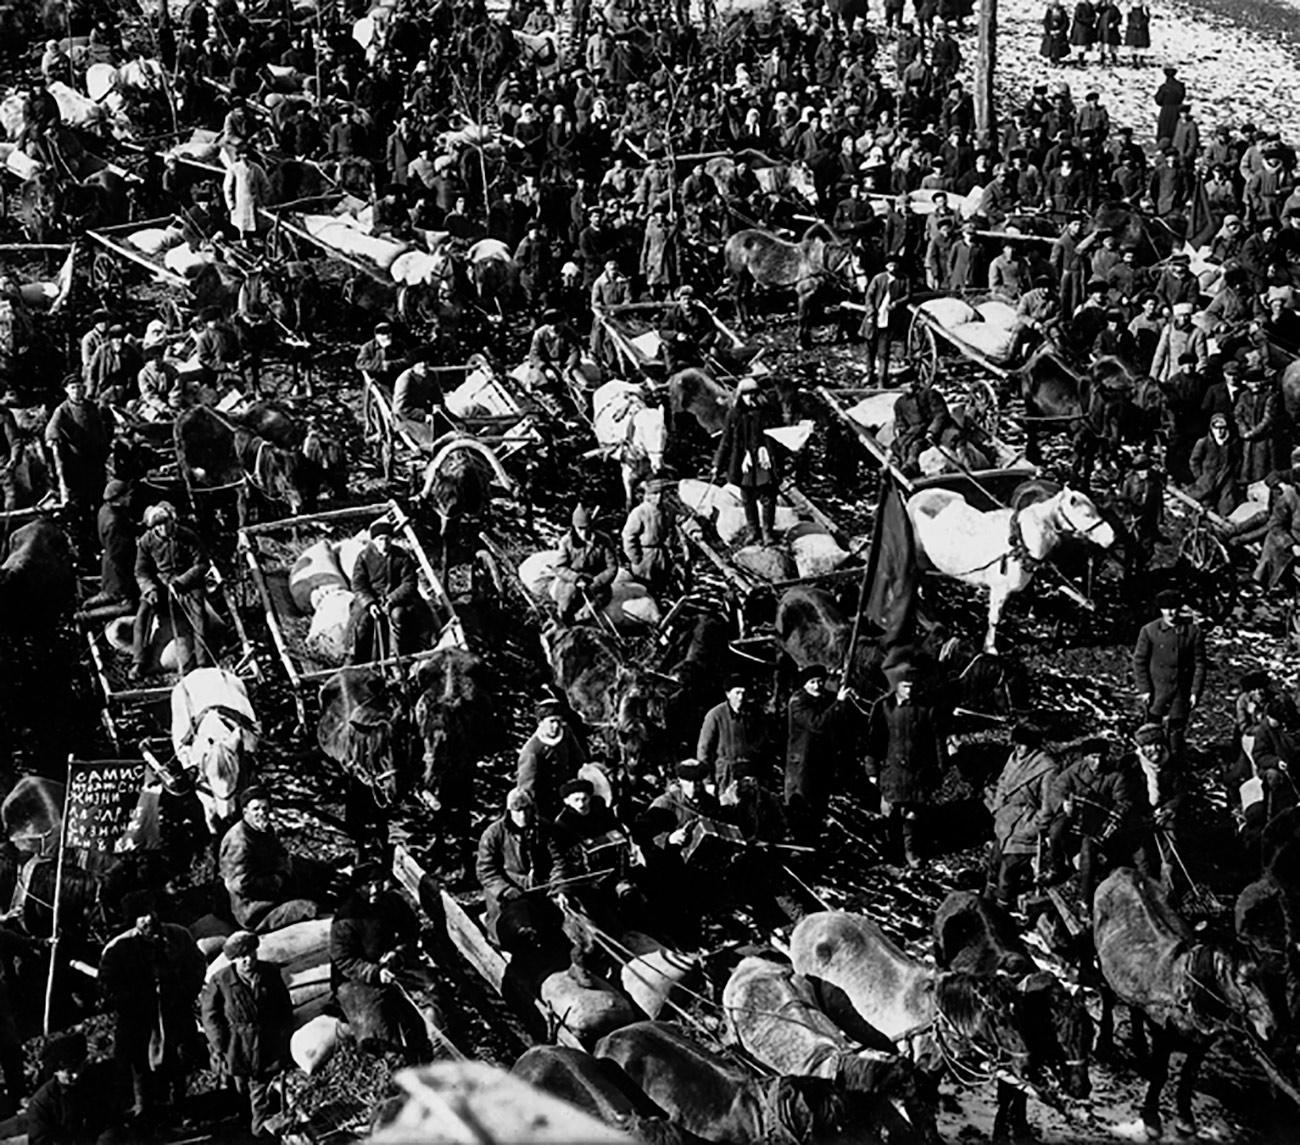 Uničeni so bili stari običaji ruskega kmetstva. Kmetje so bili nekoč zainteresirani za sadove svojega dela, a so v kolhozih izgubili ves občutek za samoinicativo. Zgodnja leta kolektivizacije so bila katastrofalna: leta 1932 in 1933 je državo prizadela velika lakota, ki je ubila okoli 8 milijonov ljudi, k čemur je v resni meri pripomogla tudi kolektivizacija.